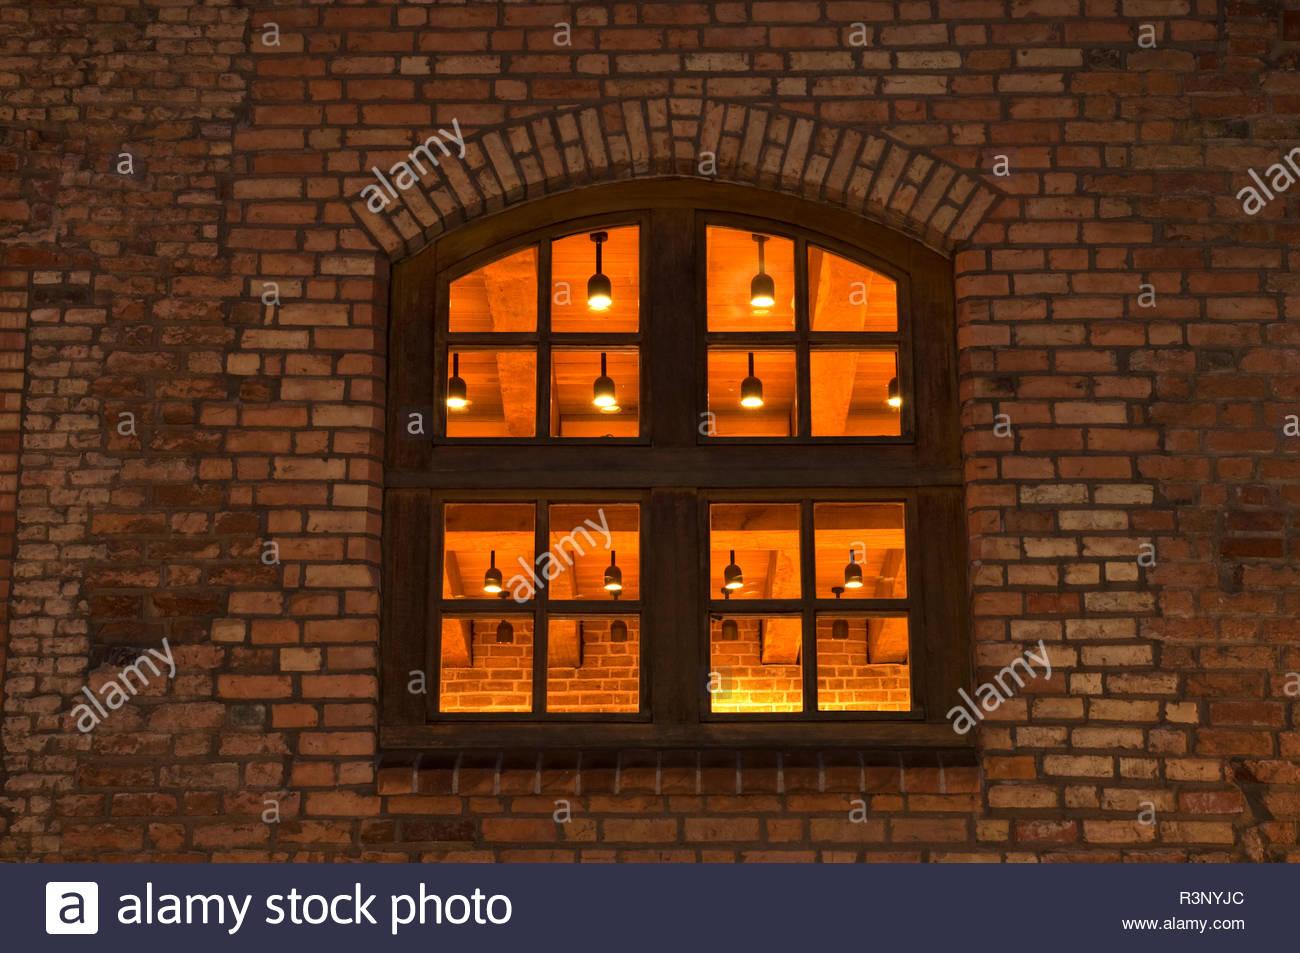 Fenster eines Backsteingebäudes - Blick in einen Festsaal - Stock Image